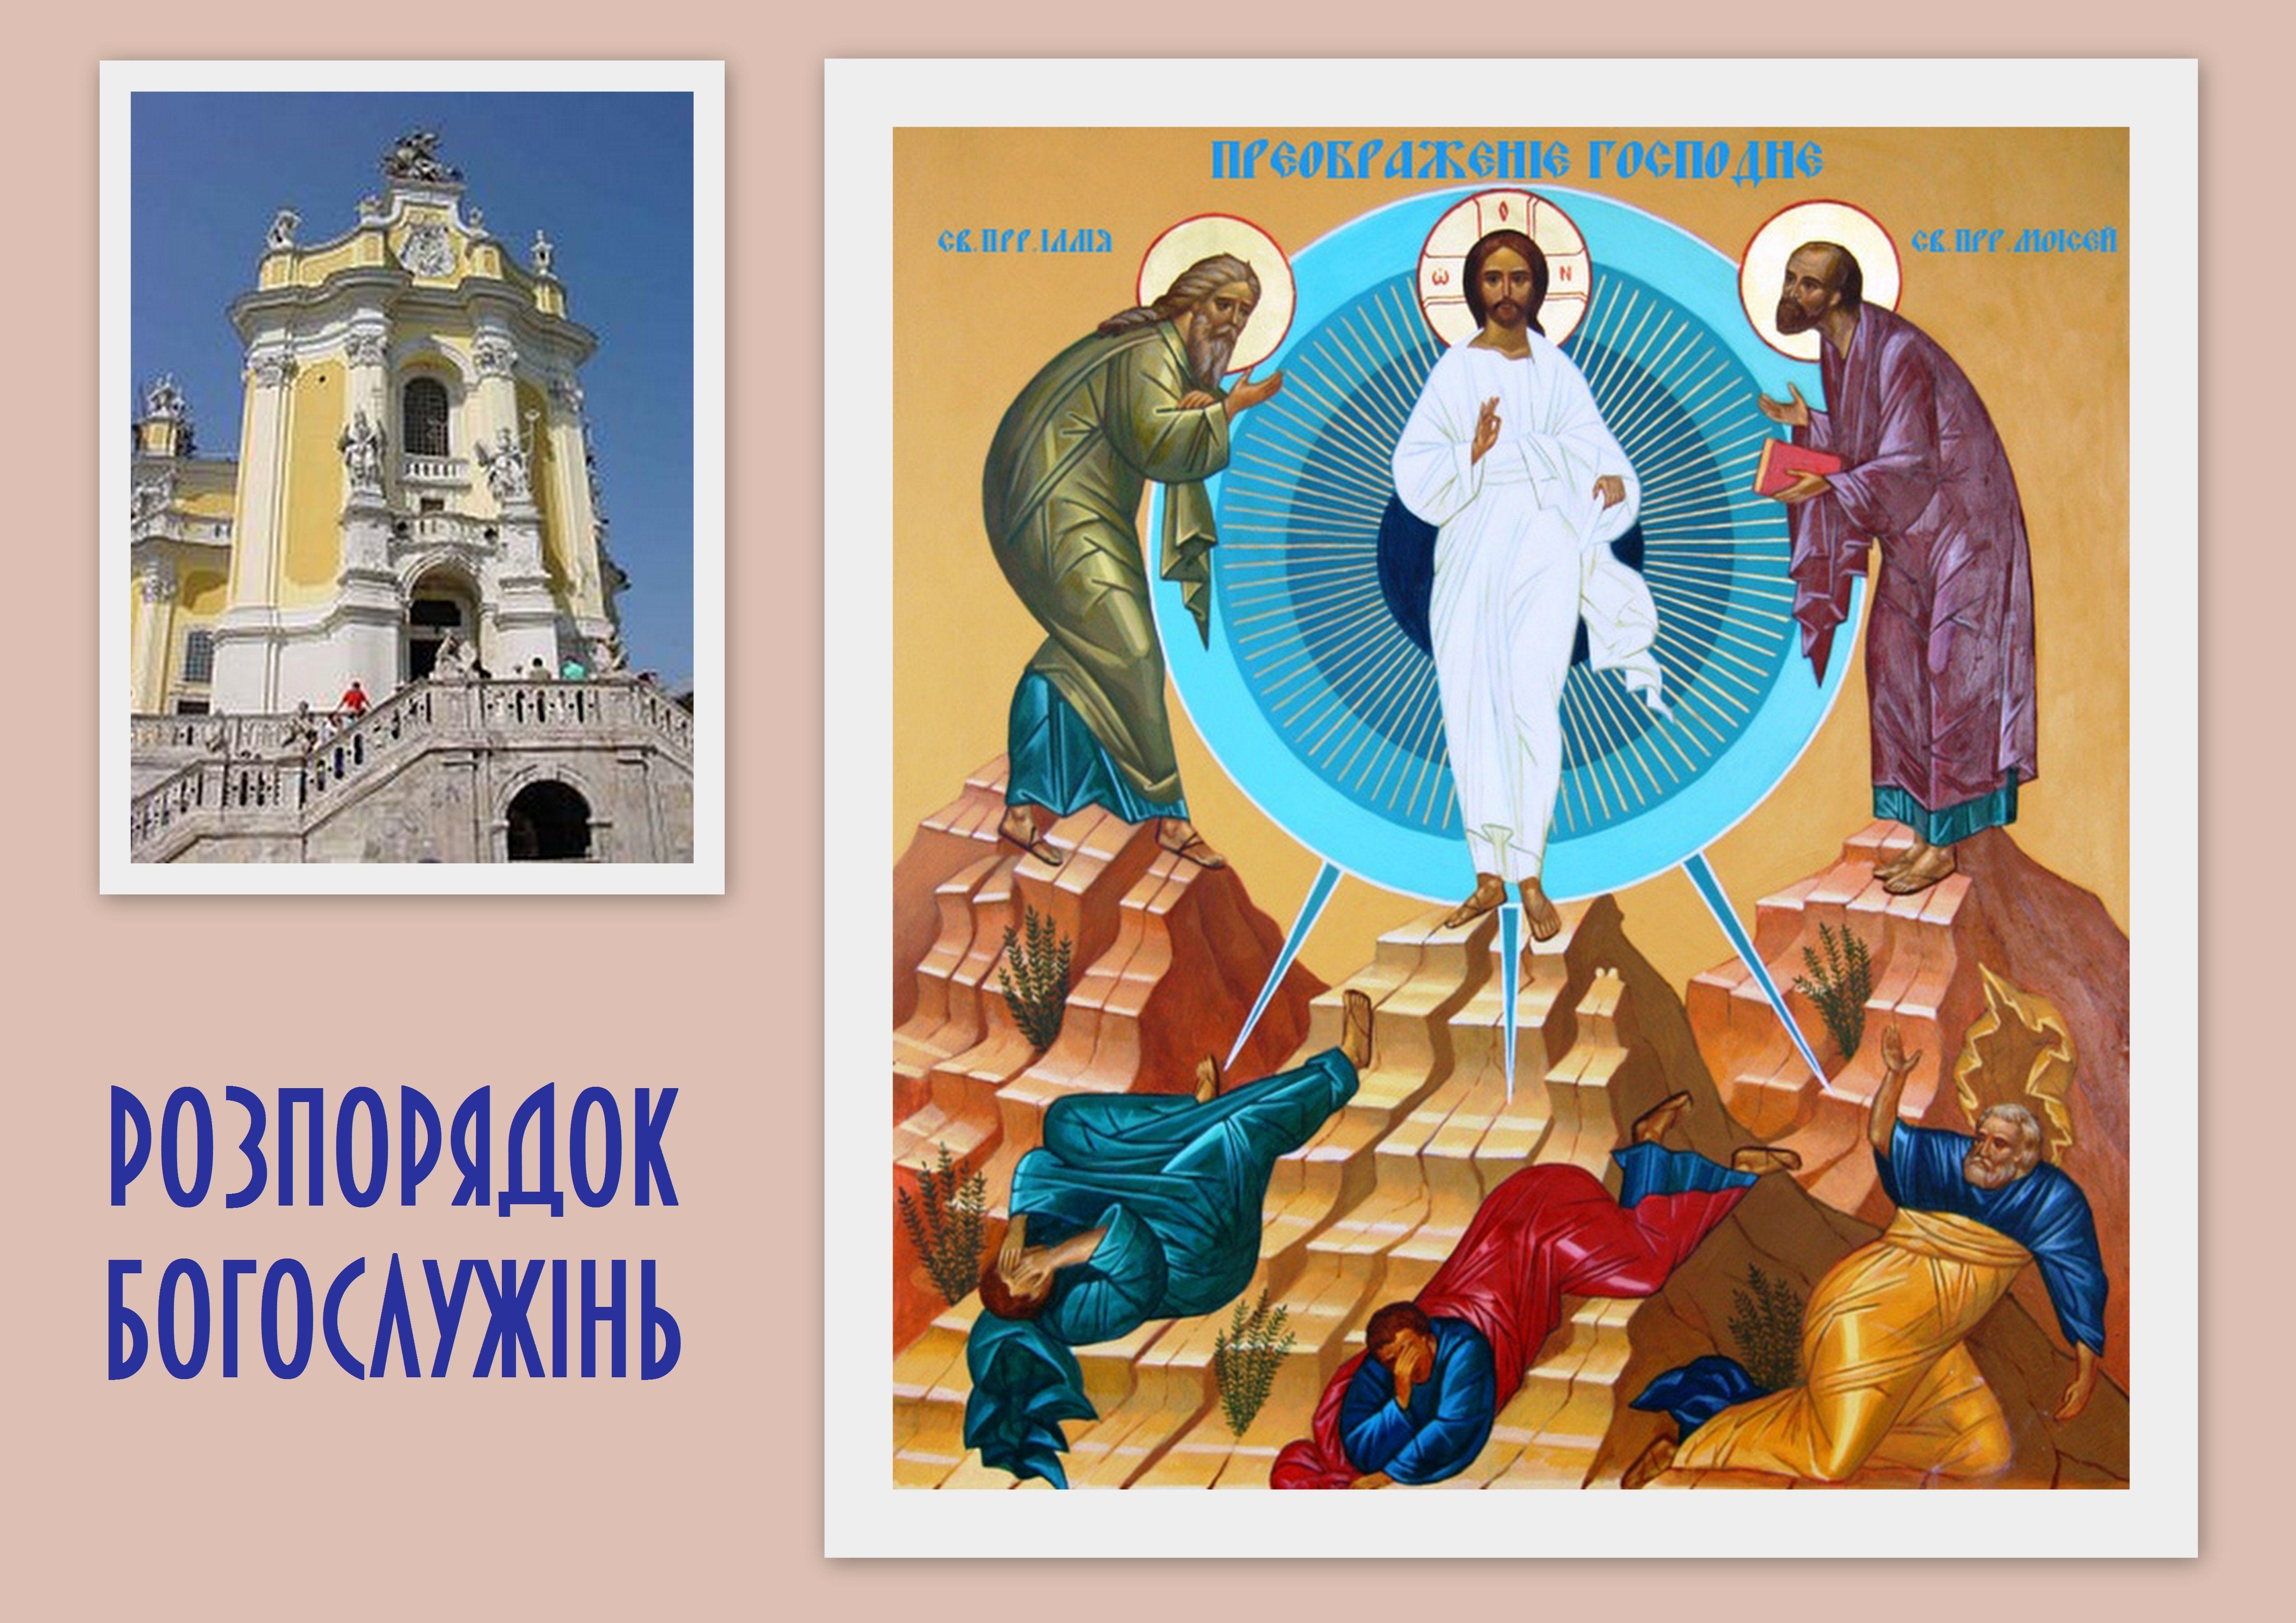 Розпорядок Богослужінь в Архикатедральному Соборі Святого Юра в день свята Преображення ГНІХ